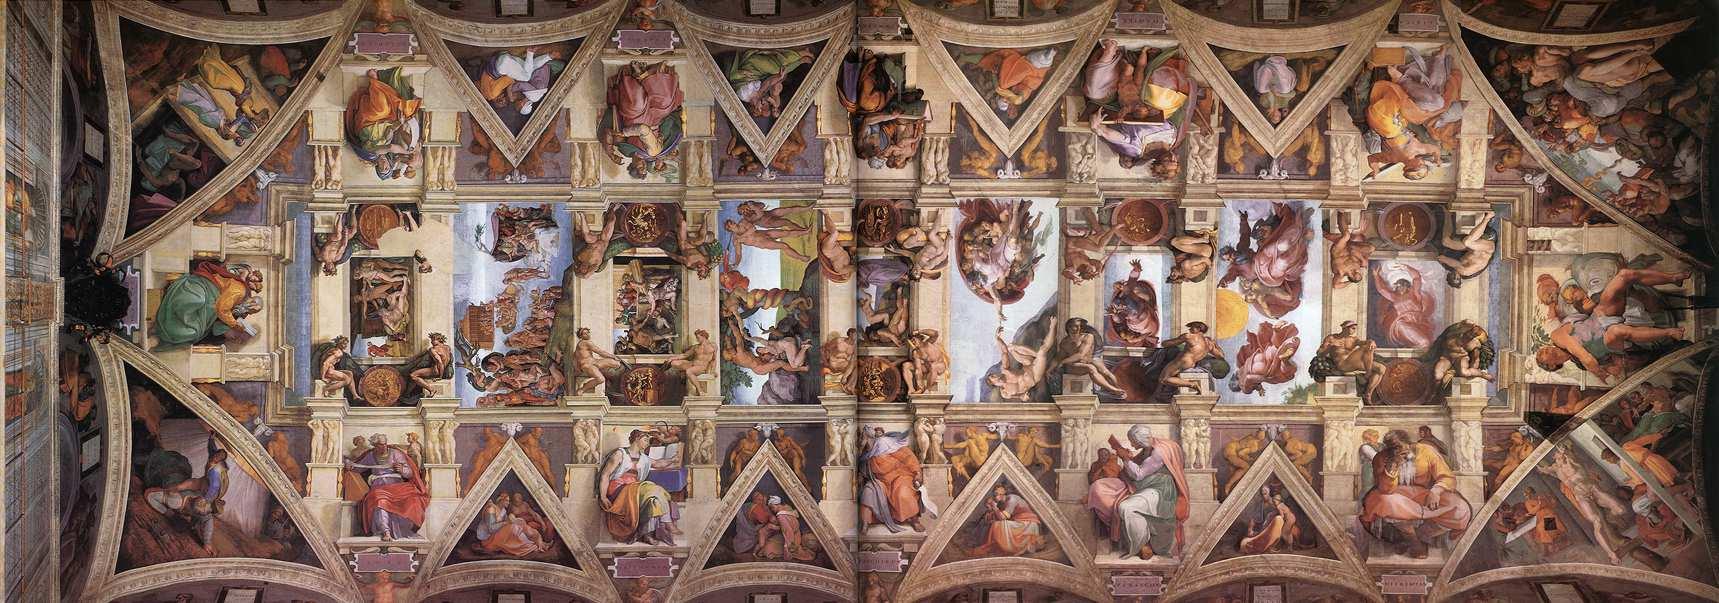 Микеланджело Буонарроти. Потолок Сикстинской капеллы. 1512